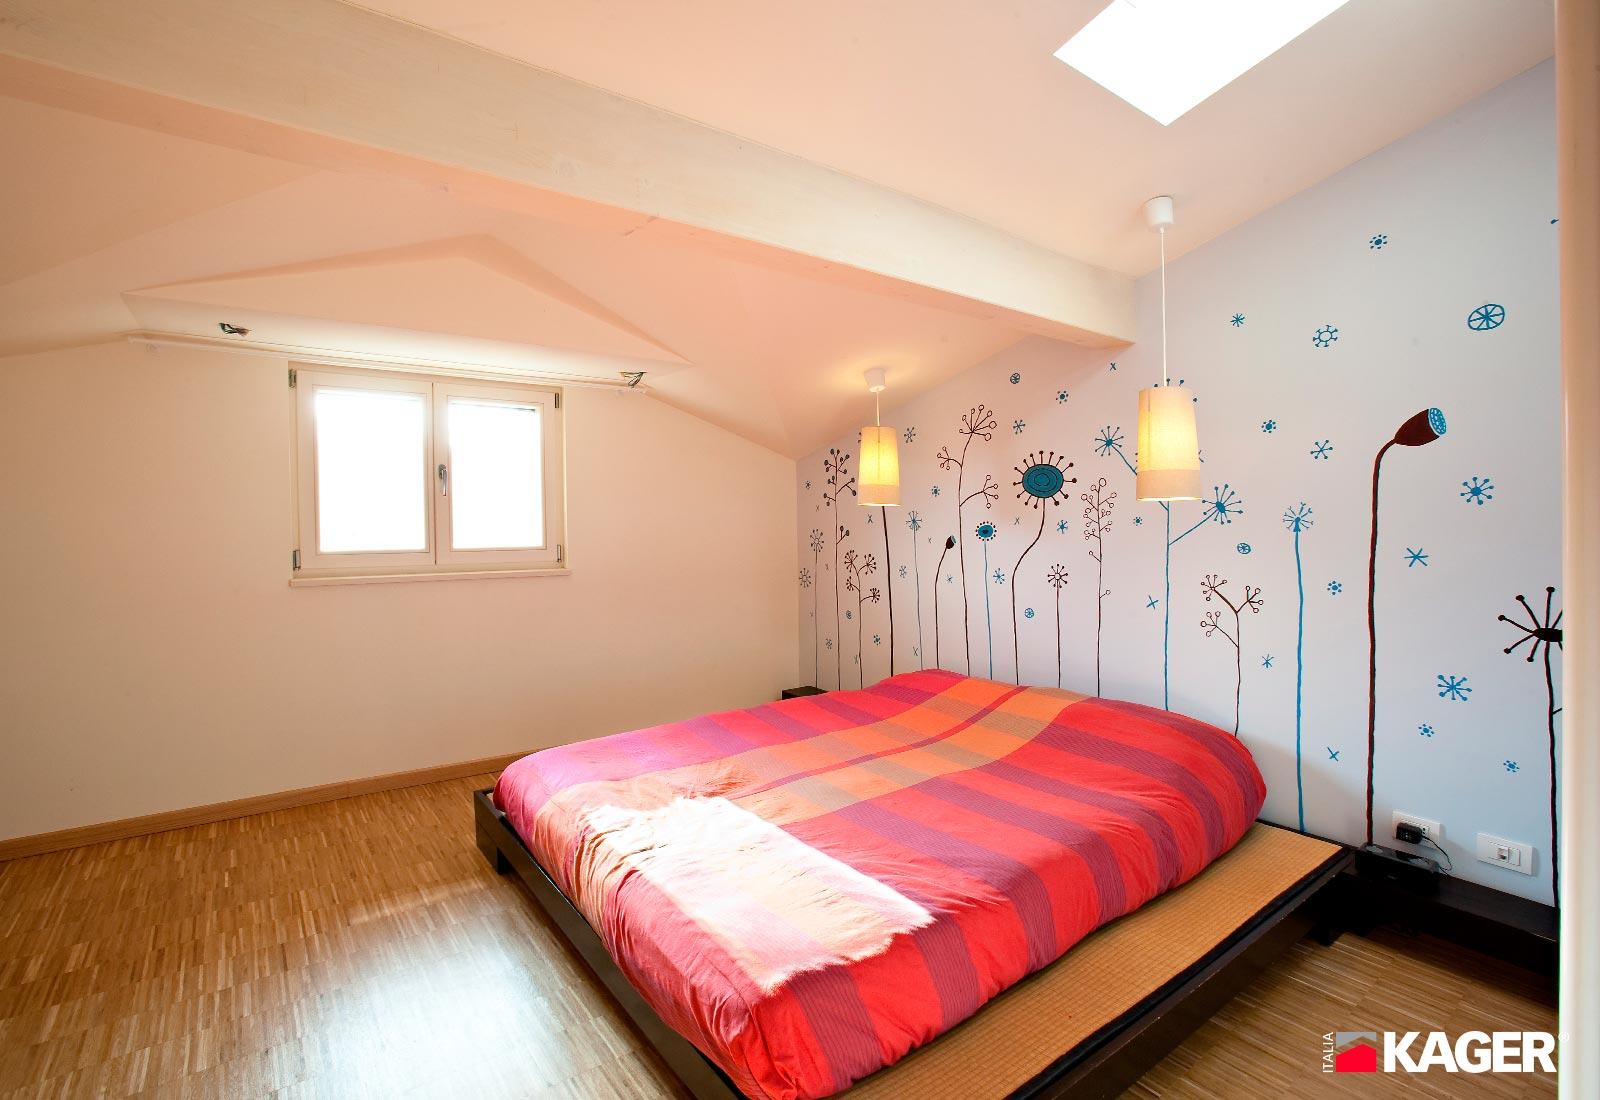 Casa-in-legno-Parma-sopraelevazione-Kager-Italia-07